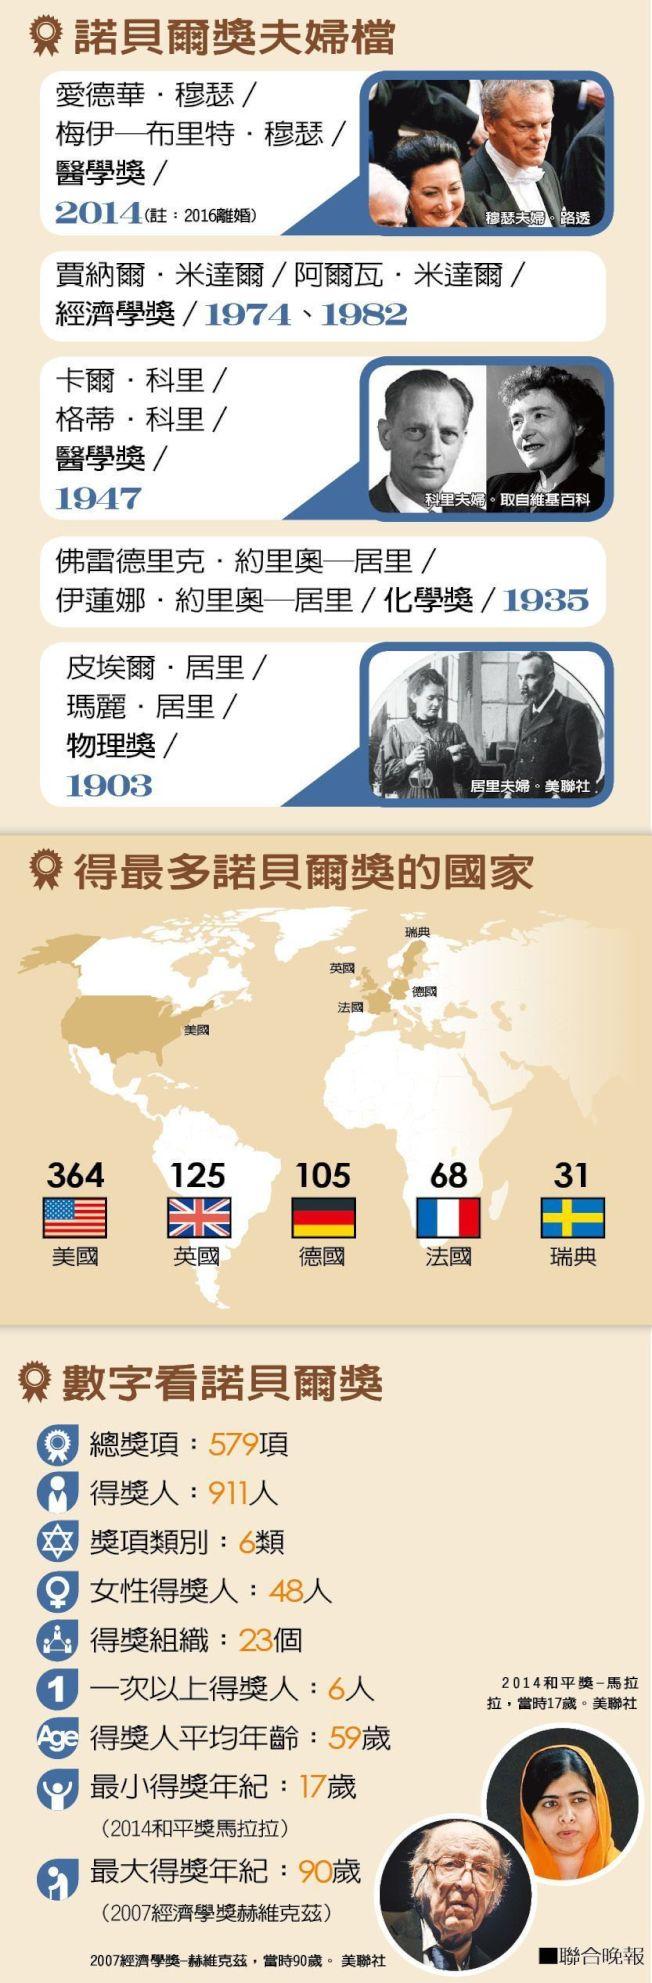 諾貝爾獎統計